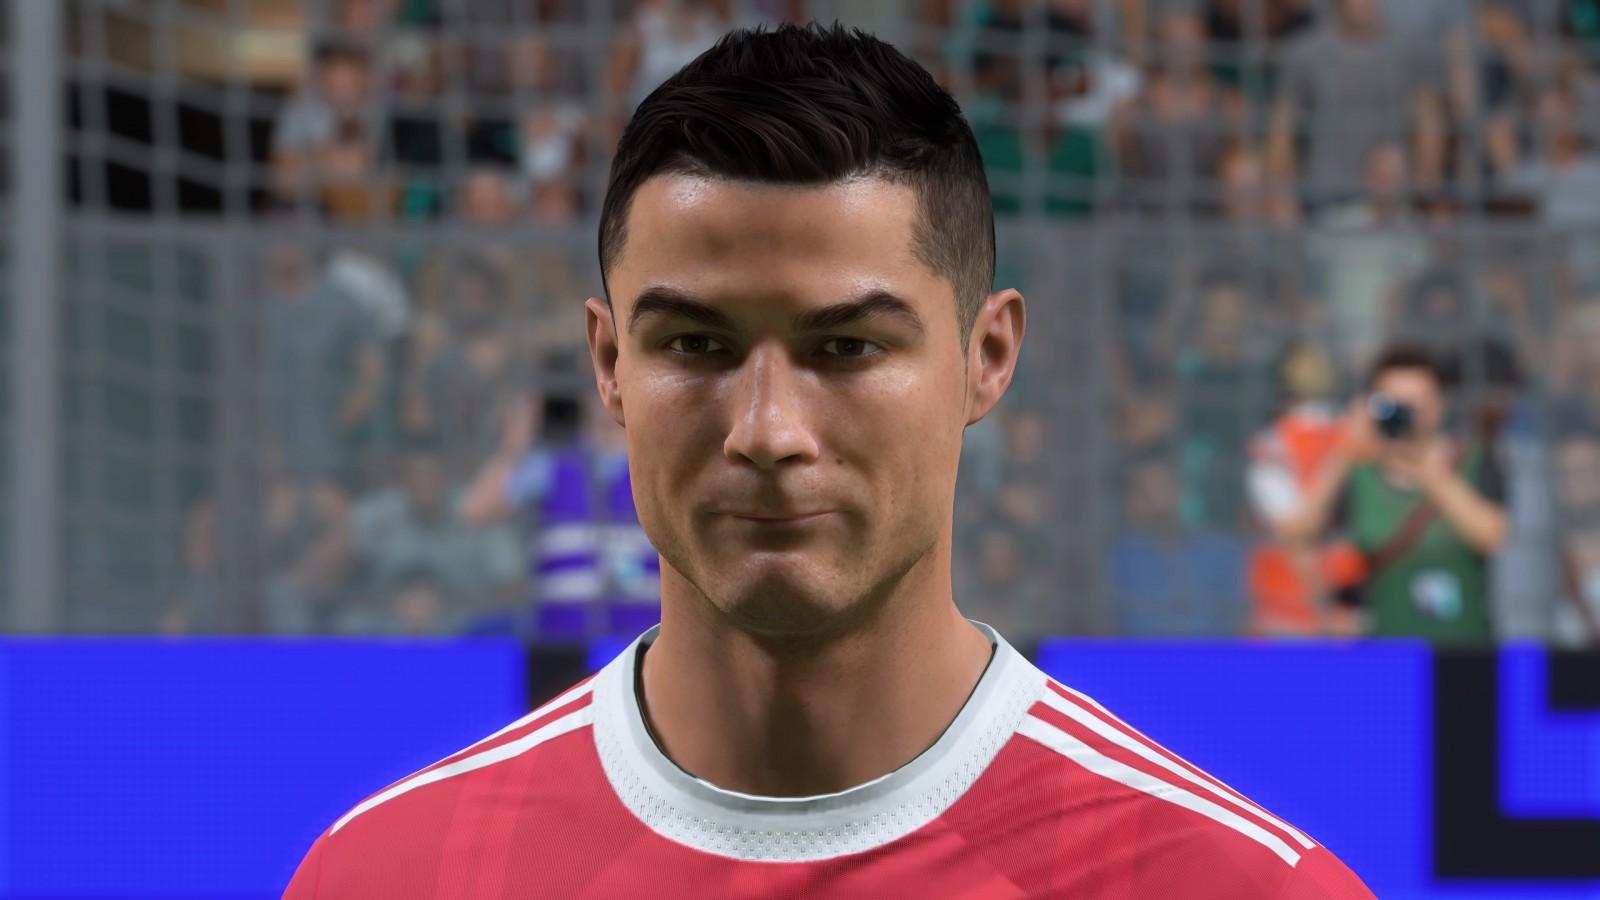 Reseña: ¿Será FIFA 22 un golazo o no? 2